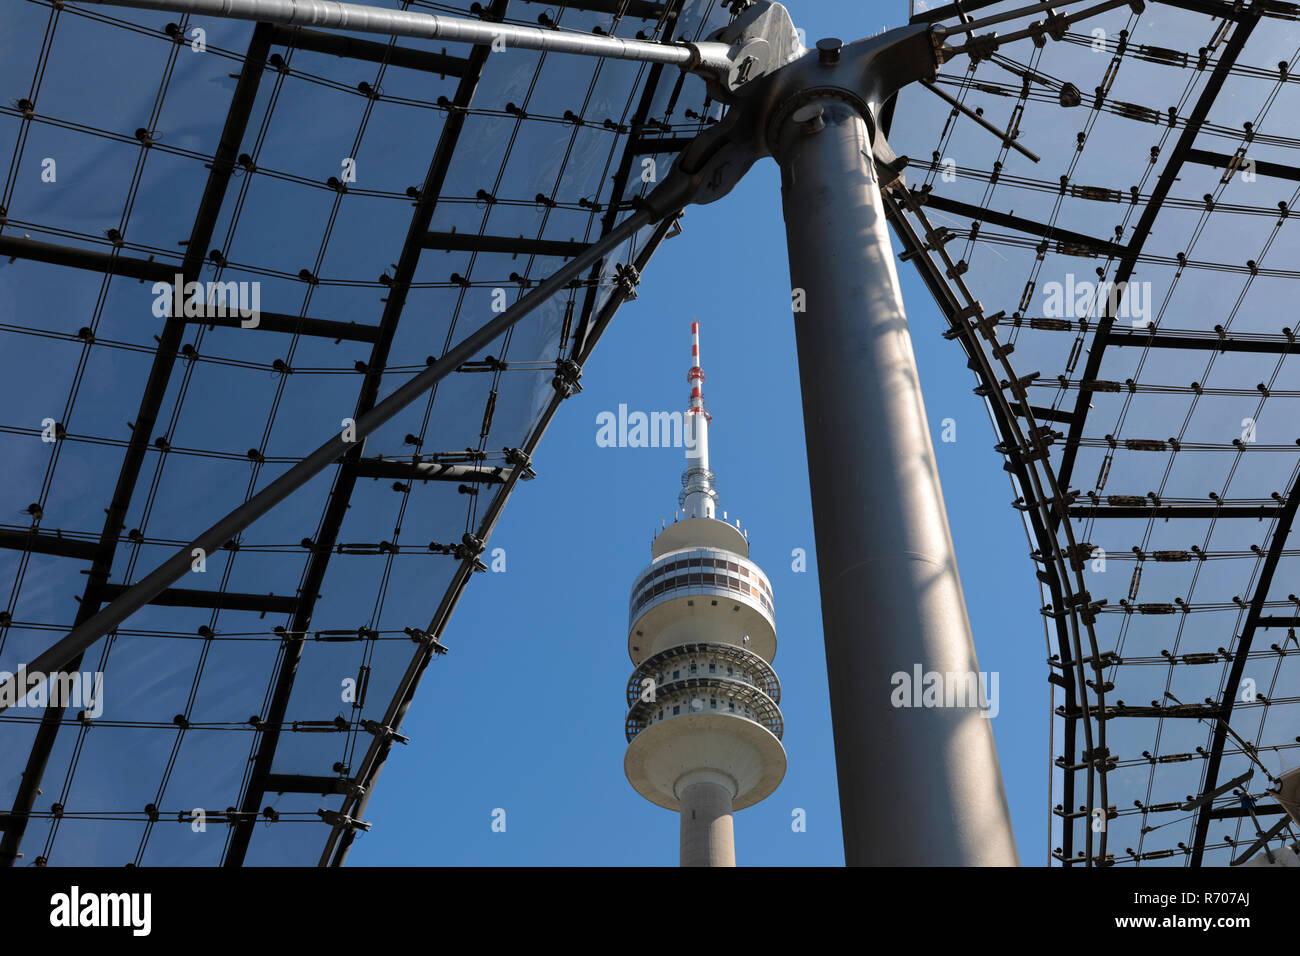 Der Olympiaturm von München Wahrzeichen ist eines der von der Landeshauptstadt. Er ist mit der Fernseh 291,28m zweithöchste Rundfunkturm Bayerns,-und. Erbaut 1965 bis 1968 Turmrestaurant Aussichtsplatform mit einer und für Besucher auf 2962 Stockwerken zwischen 181m 192m bis Höhe. Imagens de Stock